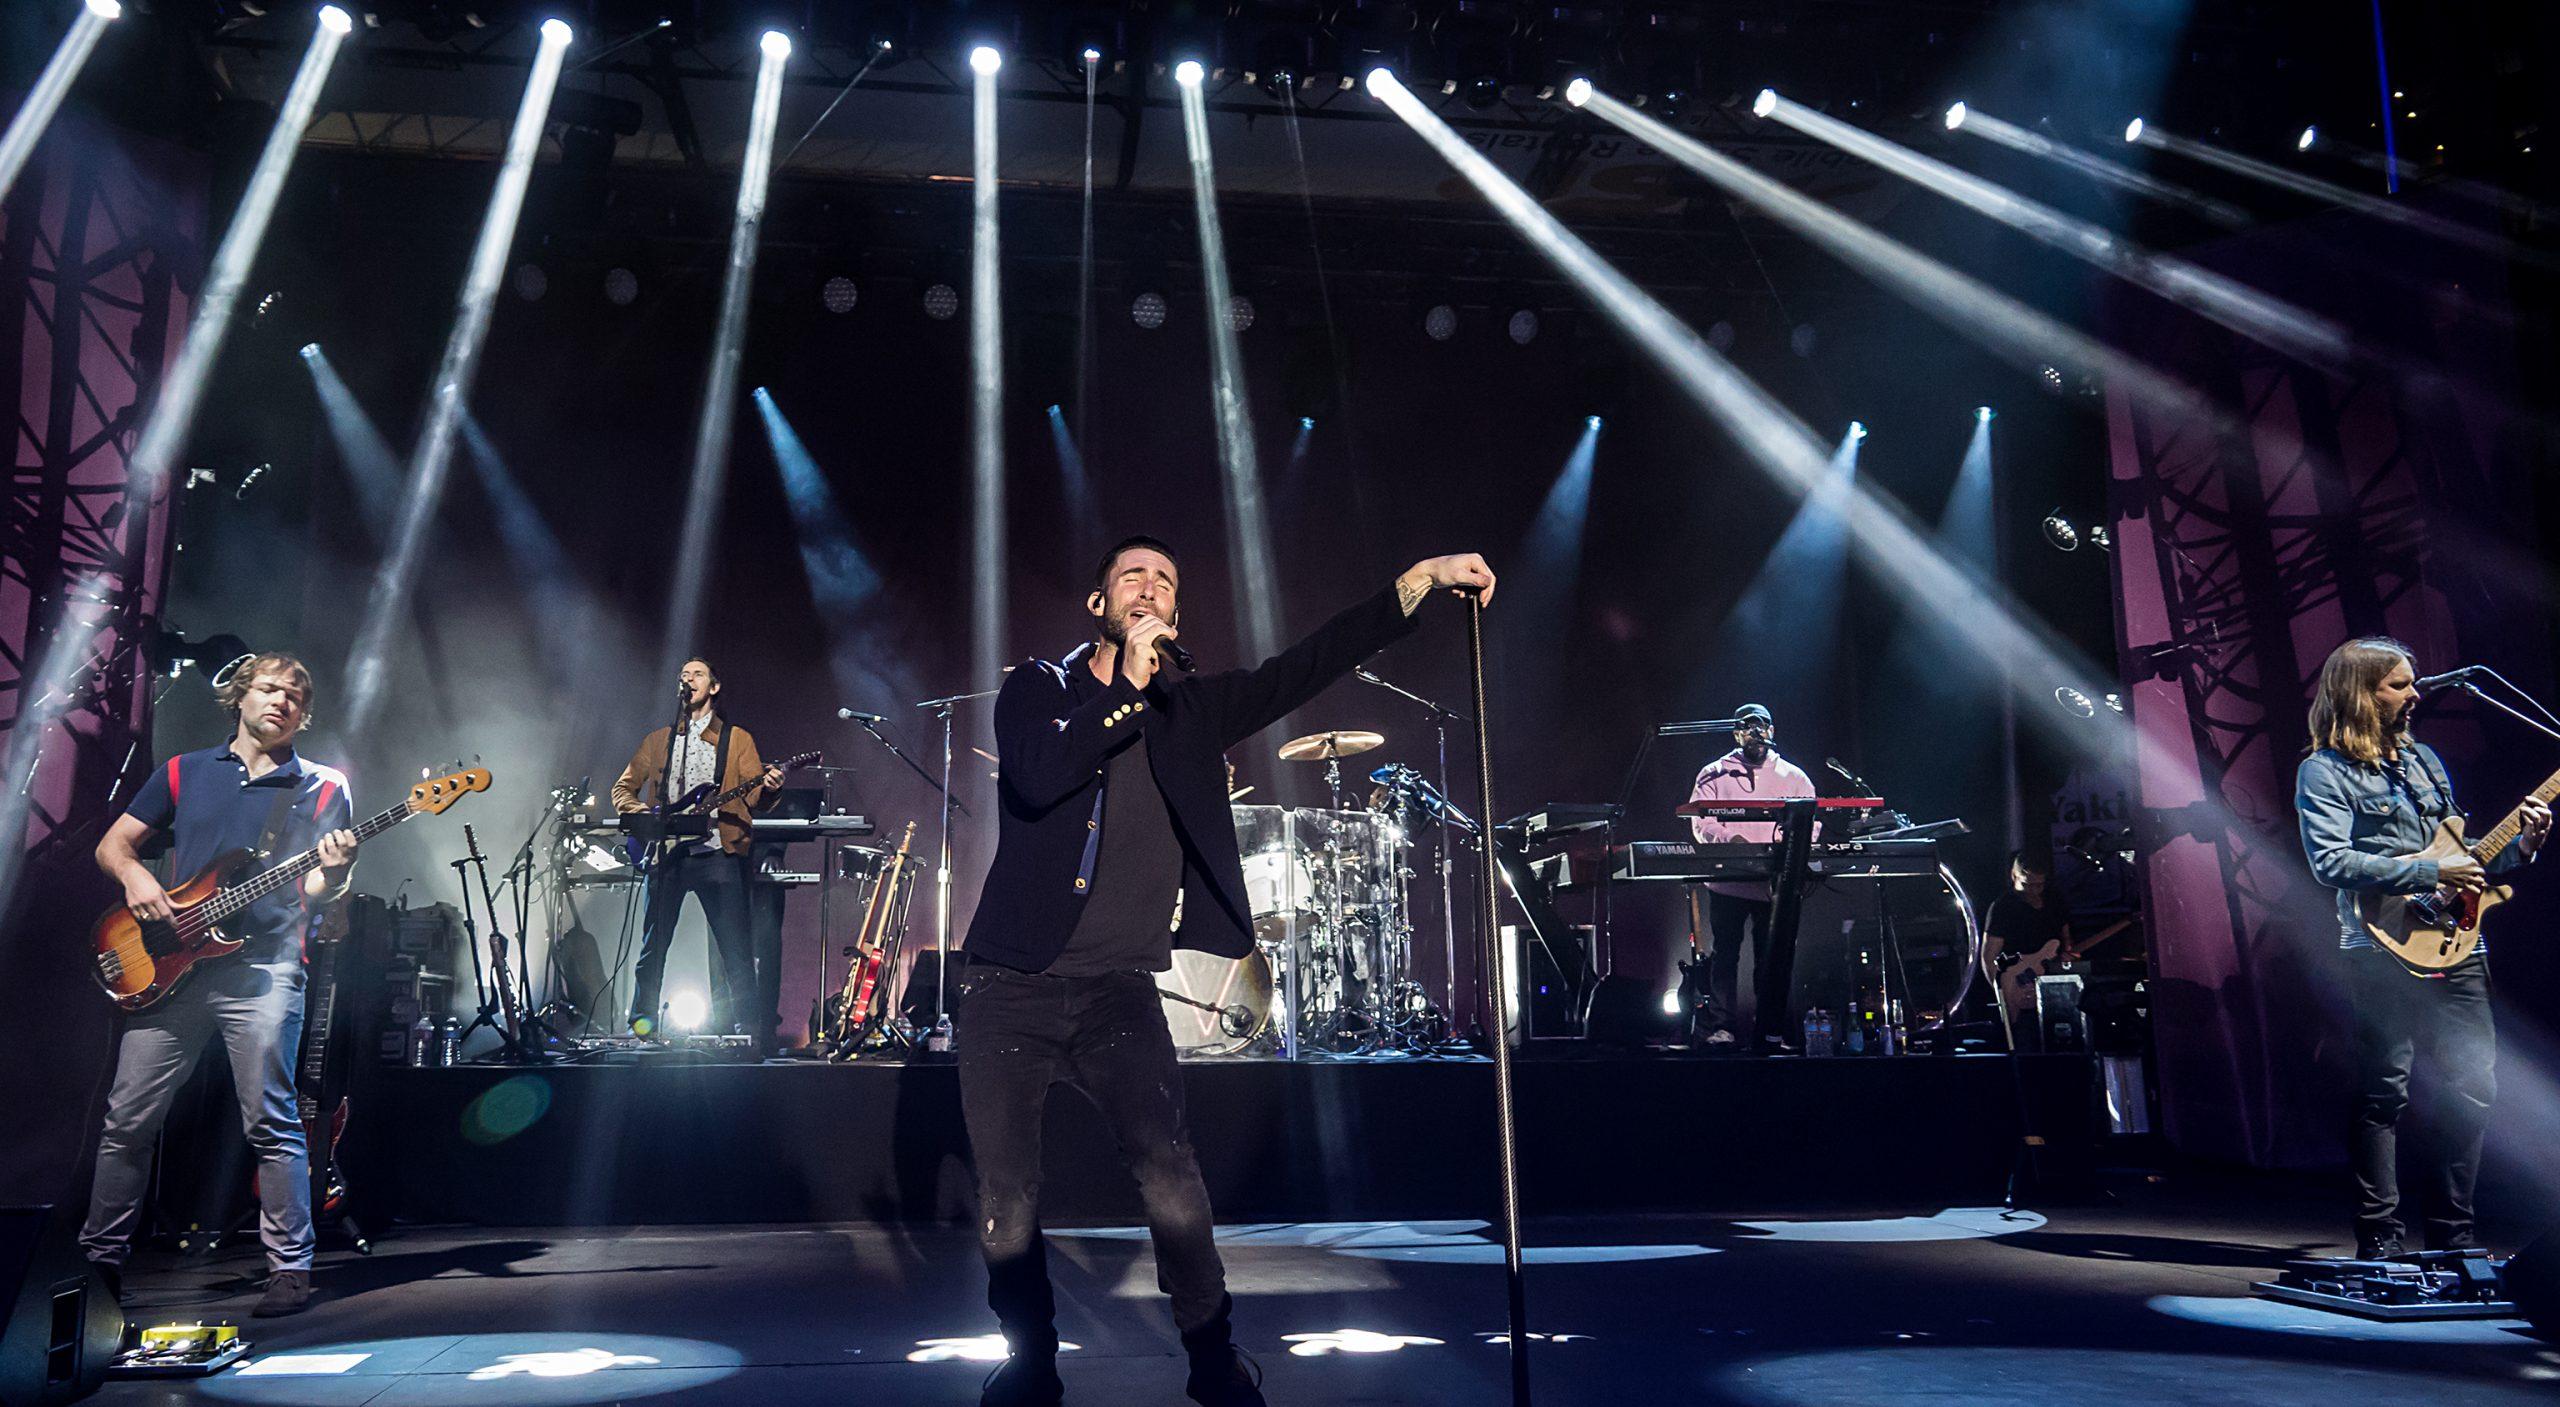 WATCH: Maroon 5 Covers Bob Marley